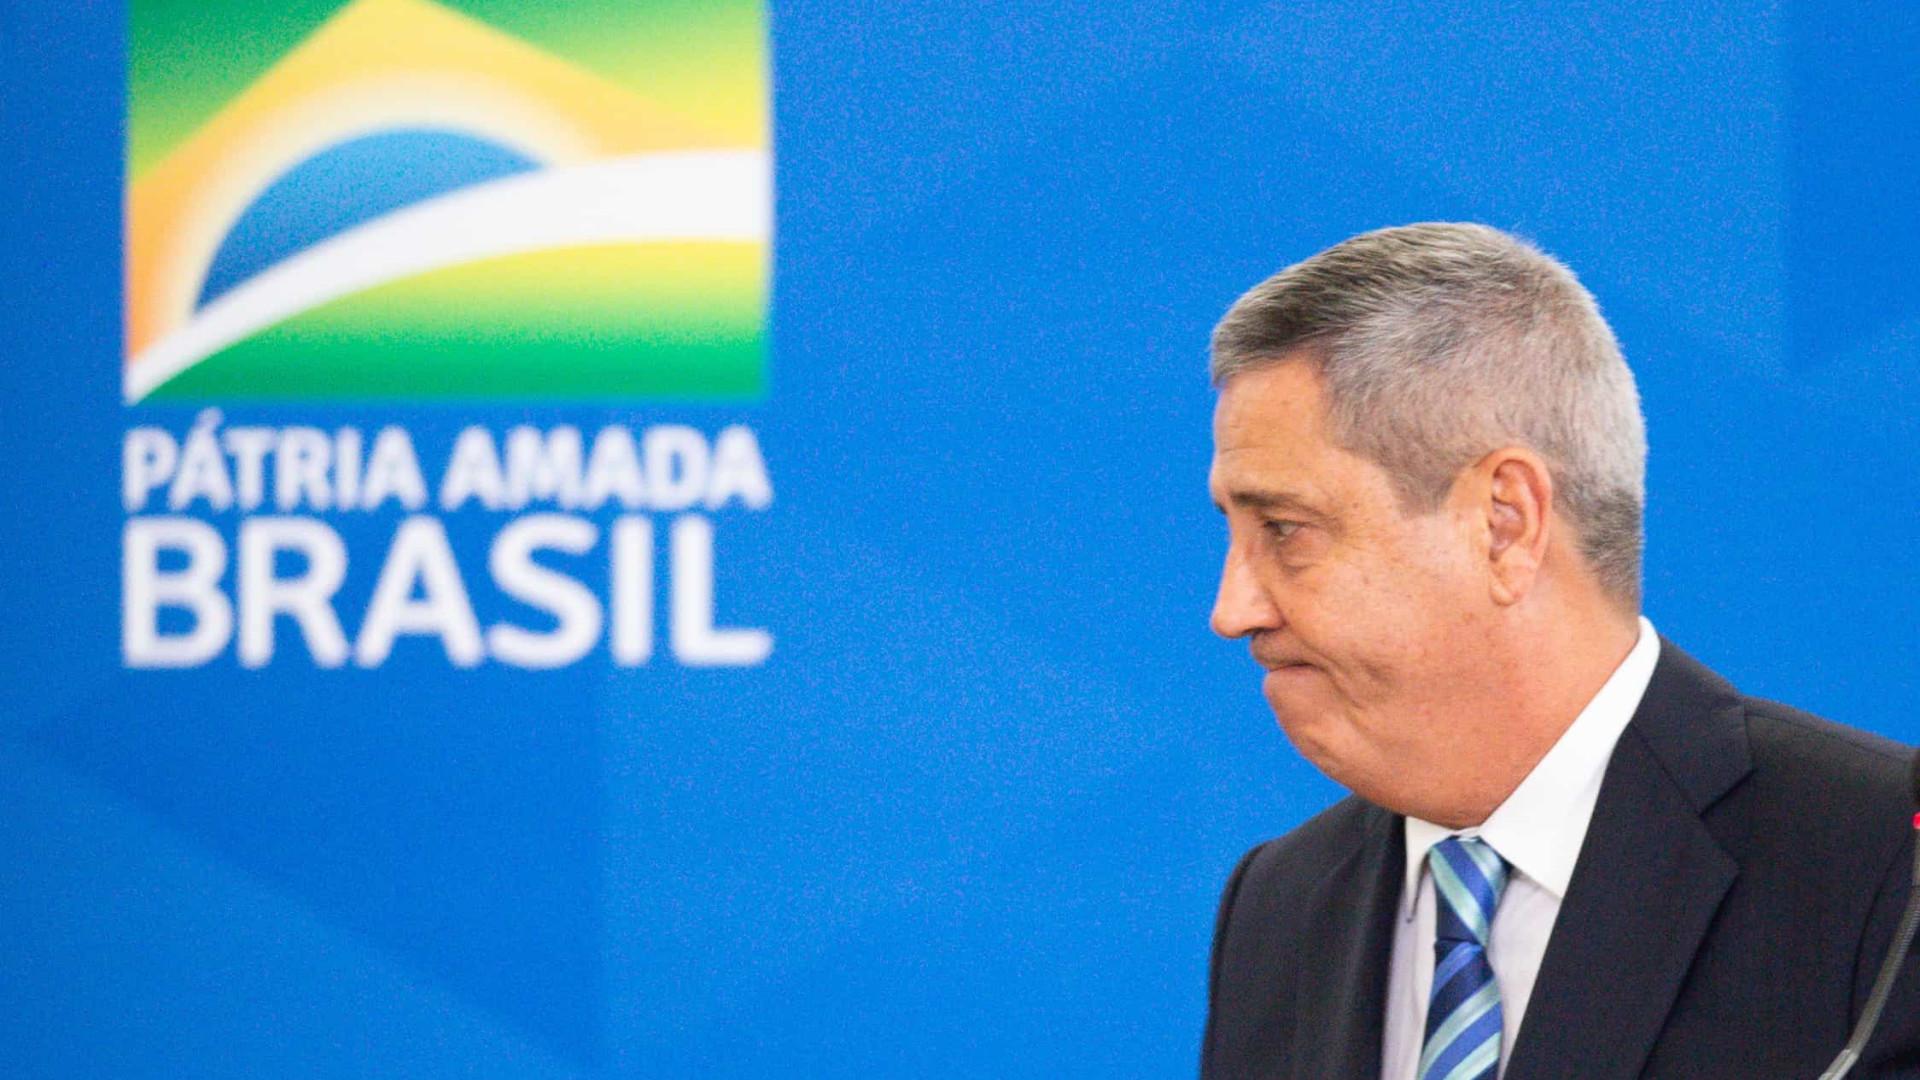 Defesa cumprirá orientação do presidente dentro da Constituição, diz Braga Netto